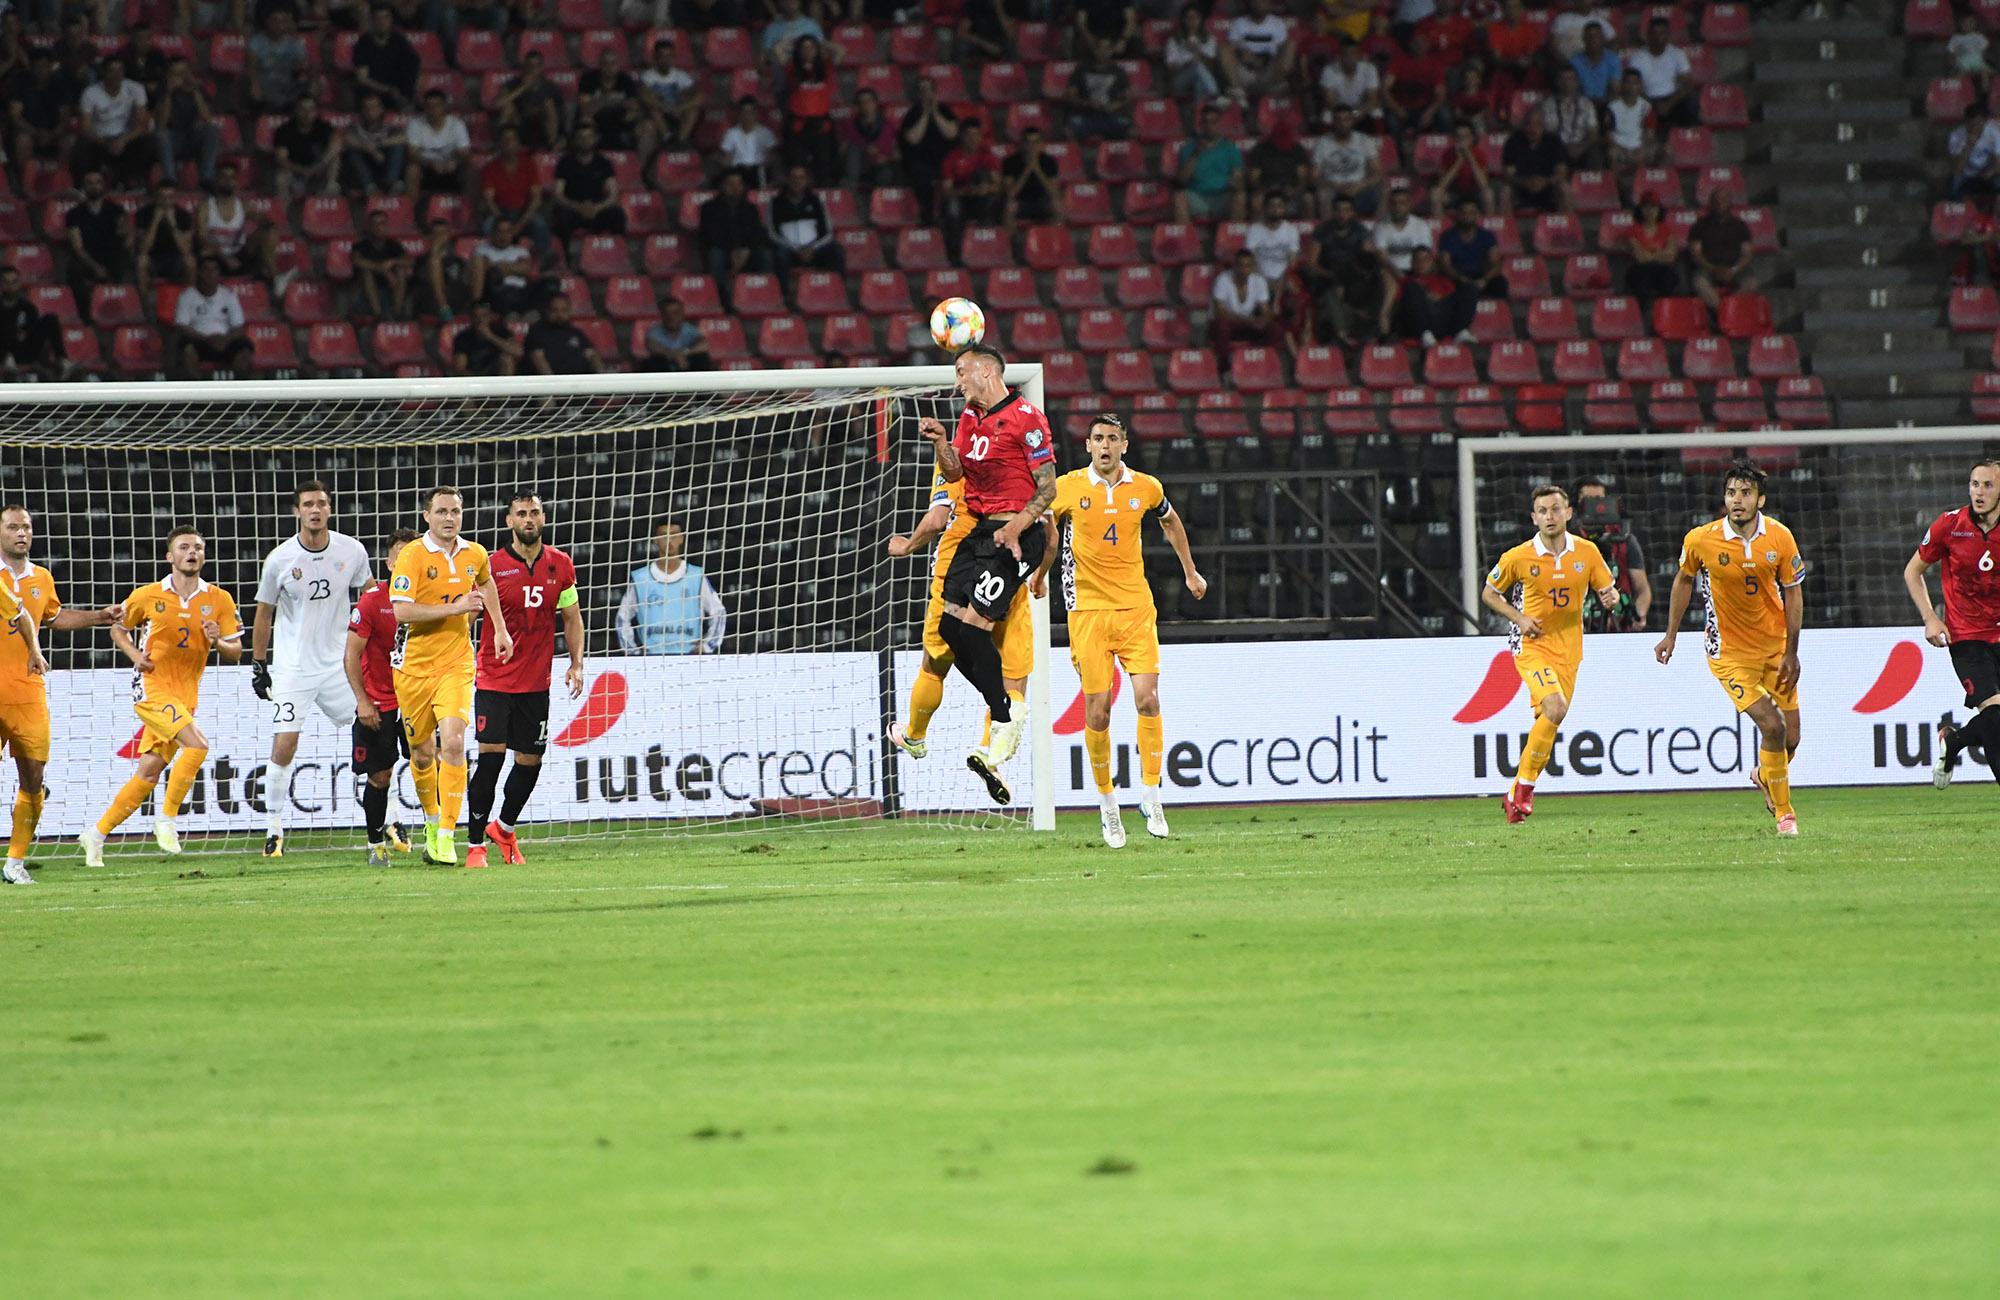 Naţionala de fotbal a Moldovei a pierdut meciul cu Albania, din cadrul preliminariilor Campionatului European din 2020